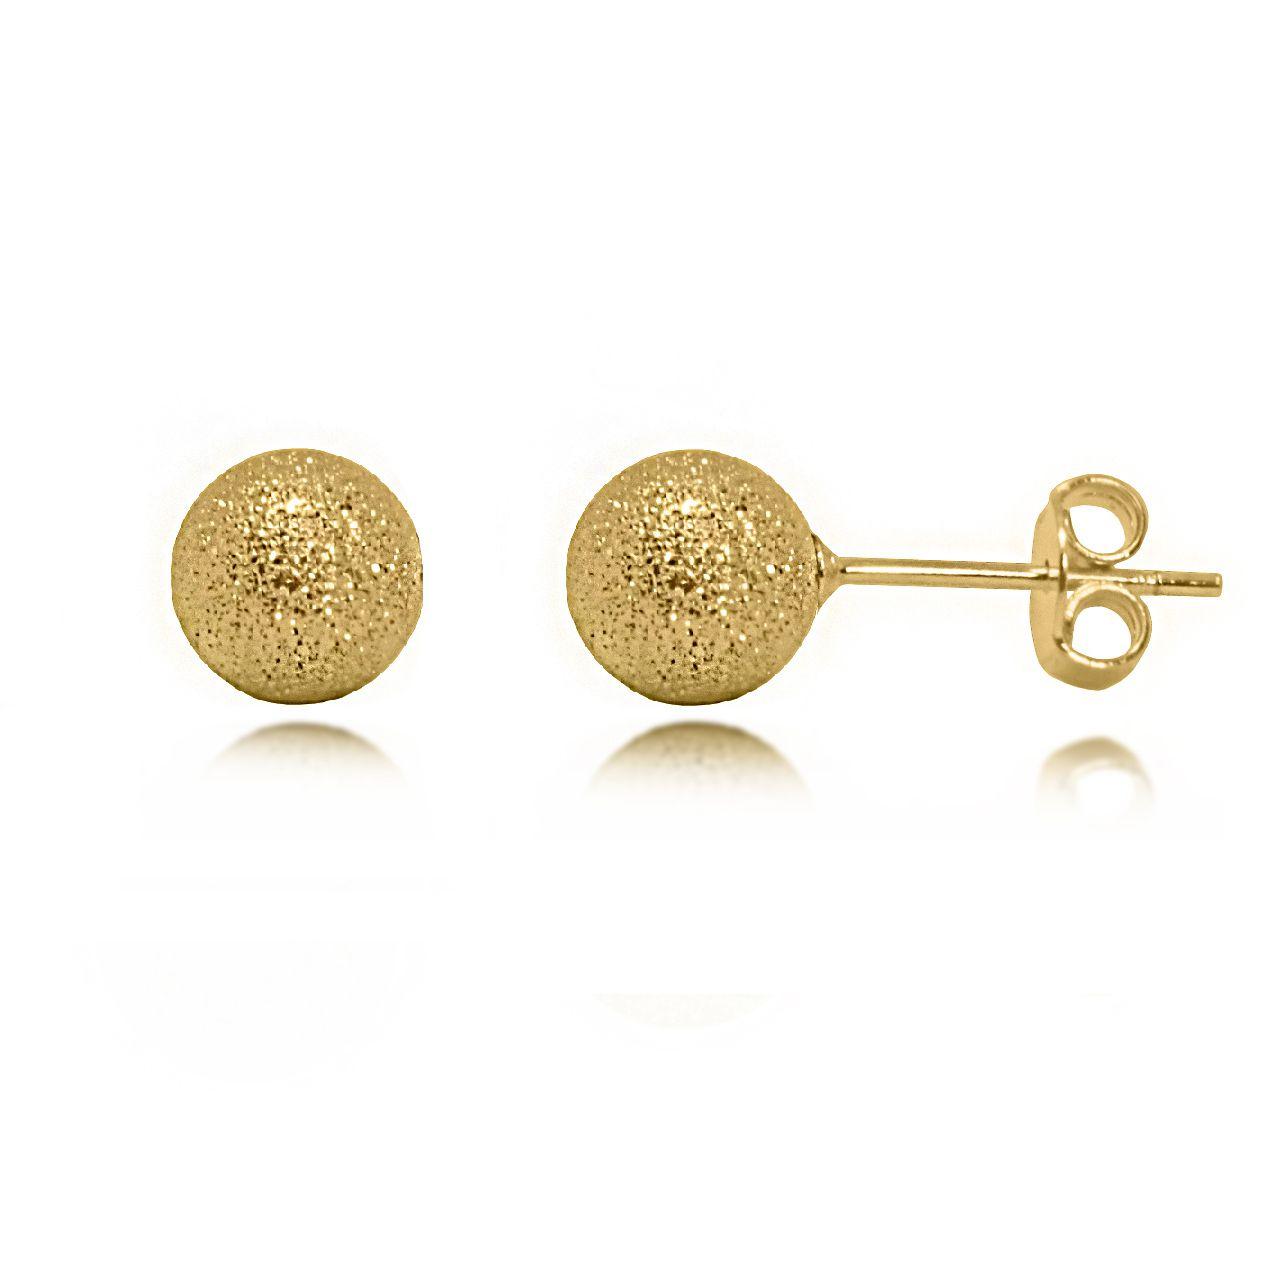 Brinco Bolinha Texturizada 6mm Folheado a Ouro 18k  - Lunozê Joias